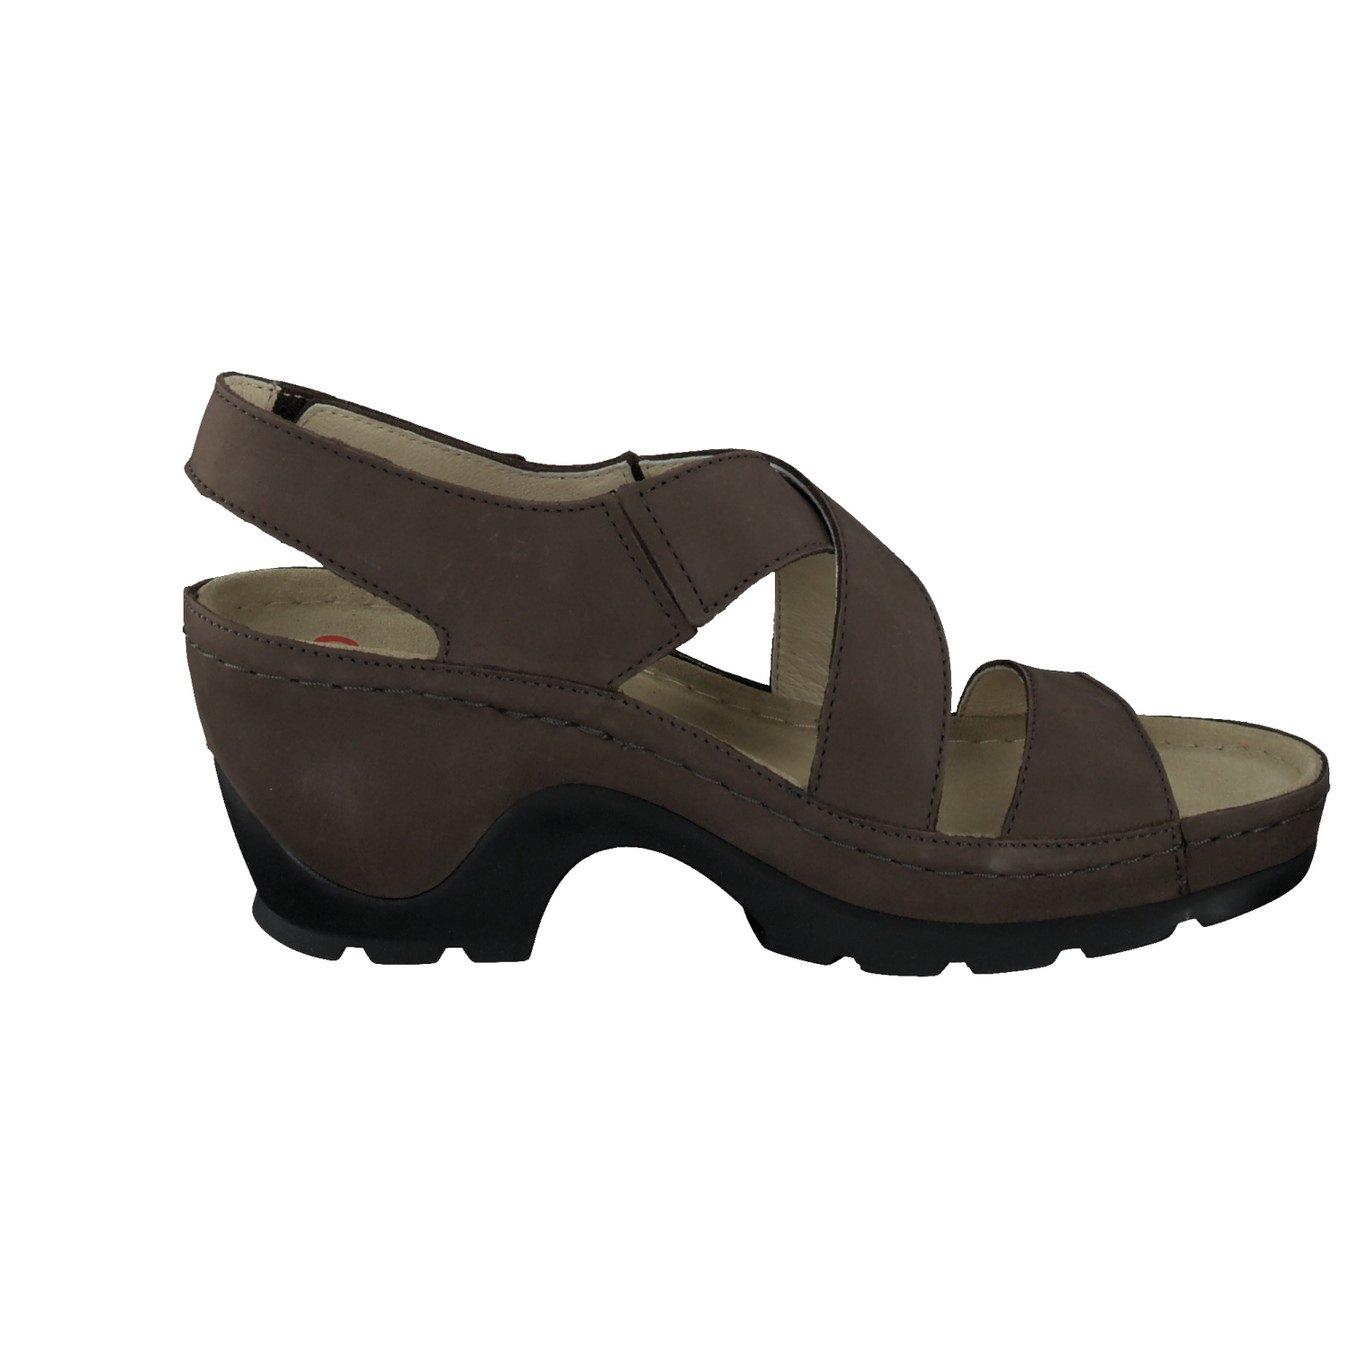 berkemann damen sandalette in mittelbraun kaufen. Black Bedroom Furniture Sets. Home Design Ideas